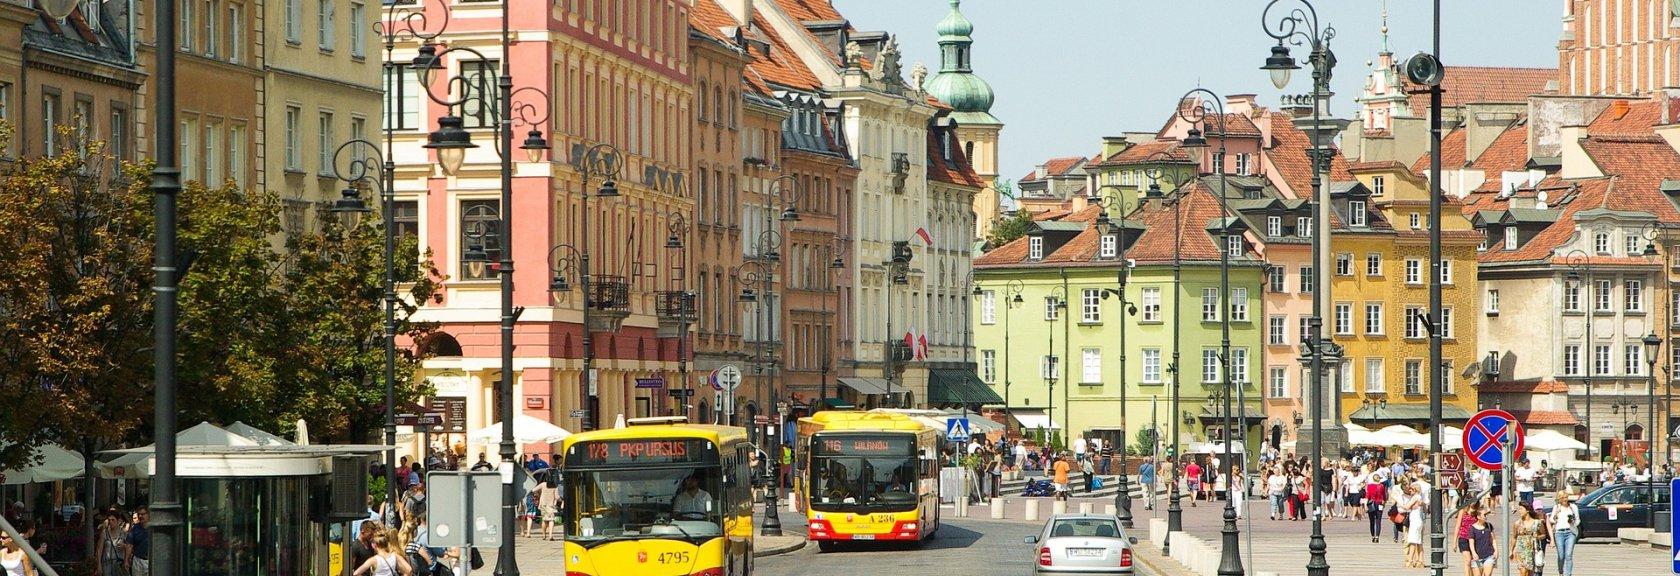 Czym po Warszawie? Komunikacją miejską, a może rowerem?